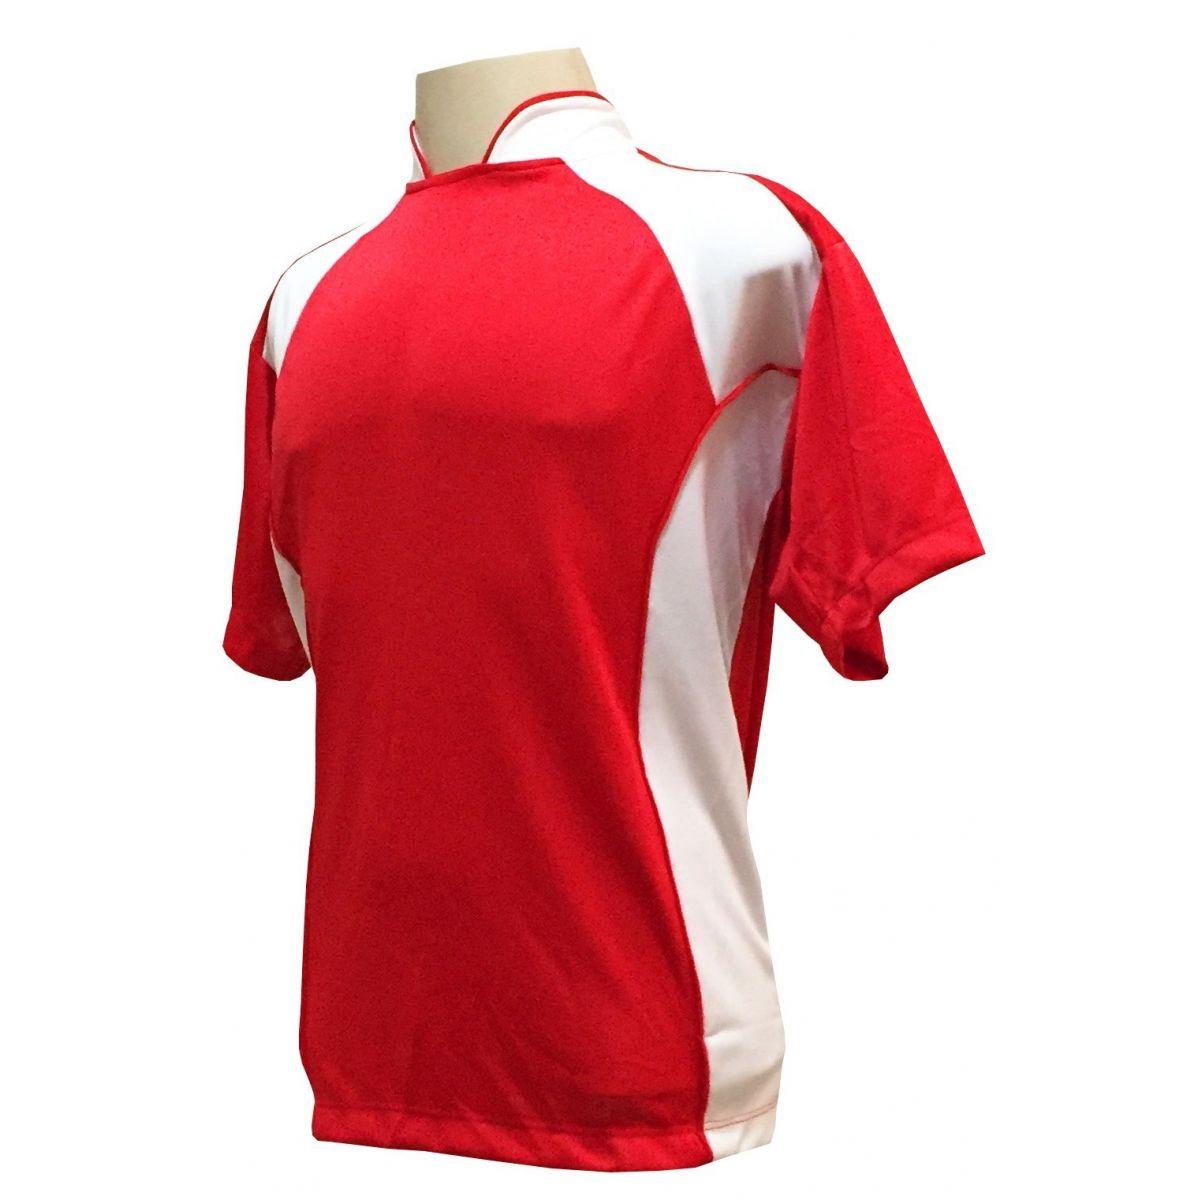 Uniforme Esportivo com 14 camisas modelo Suécia Vermelho/Branco + 14 calções modelo Copa Vermelho/Branco + 14 pares de meiões Vermelho